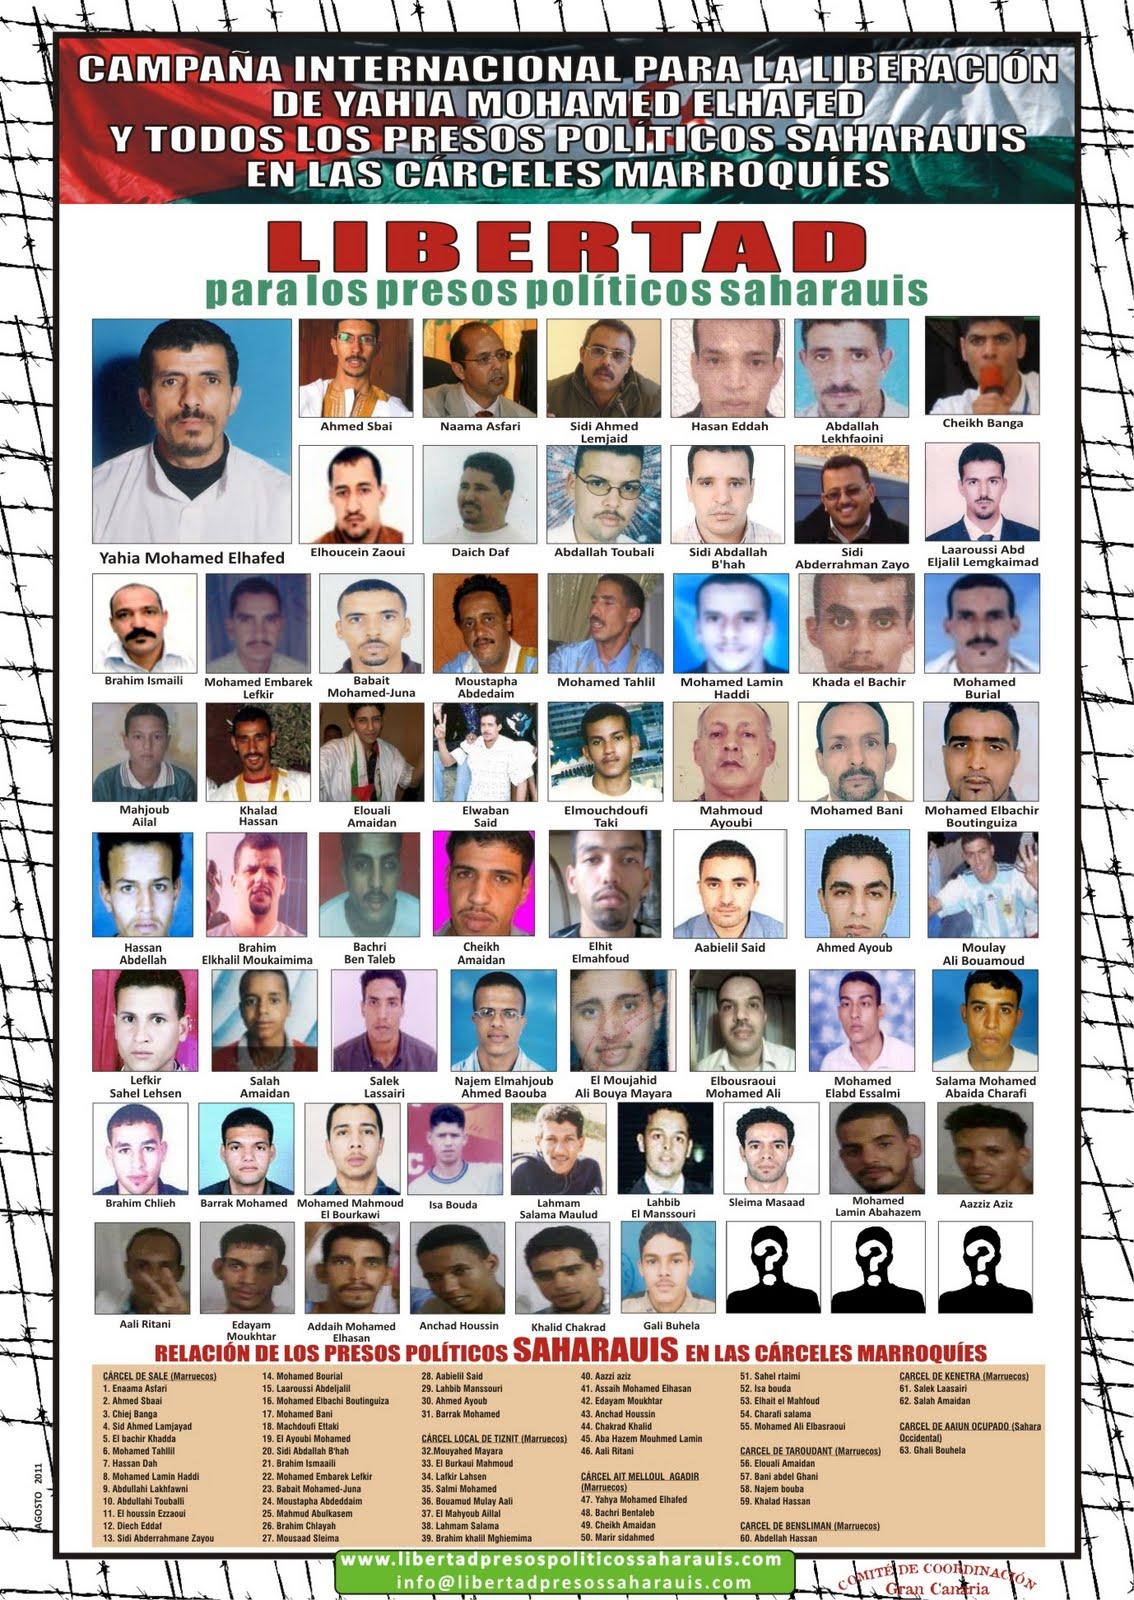 Liste actualisée des prisonniers politiques sahraouis incarcérés au Maroc